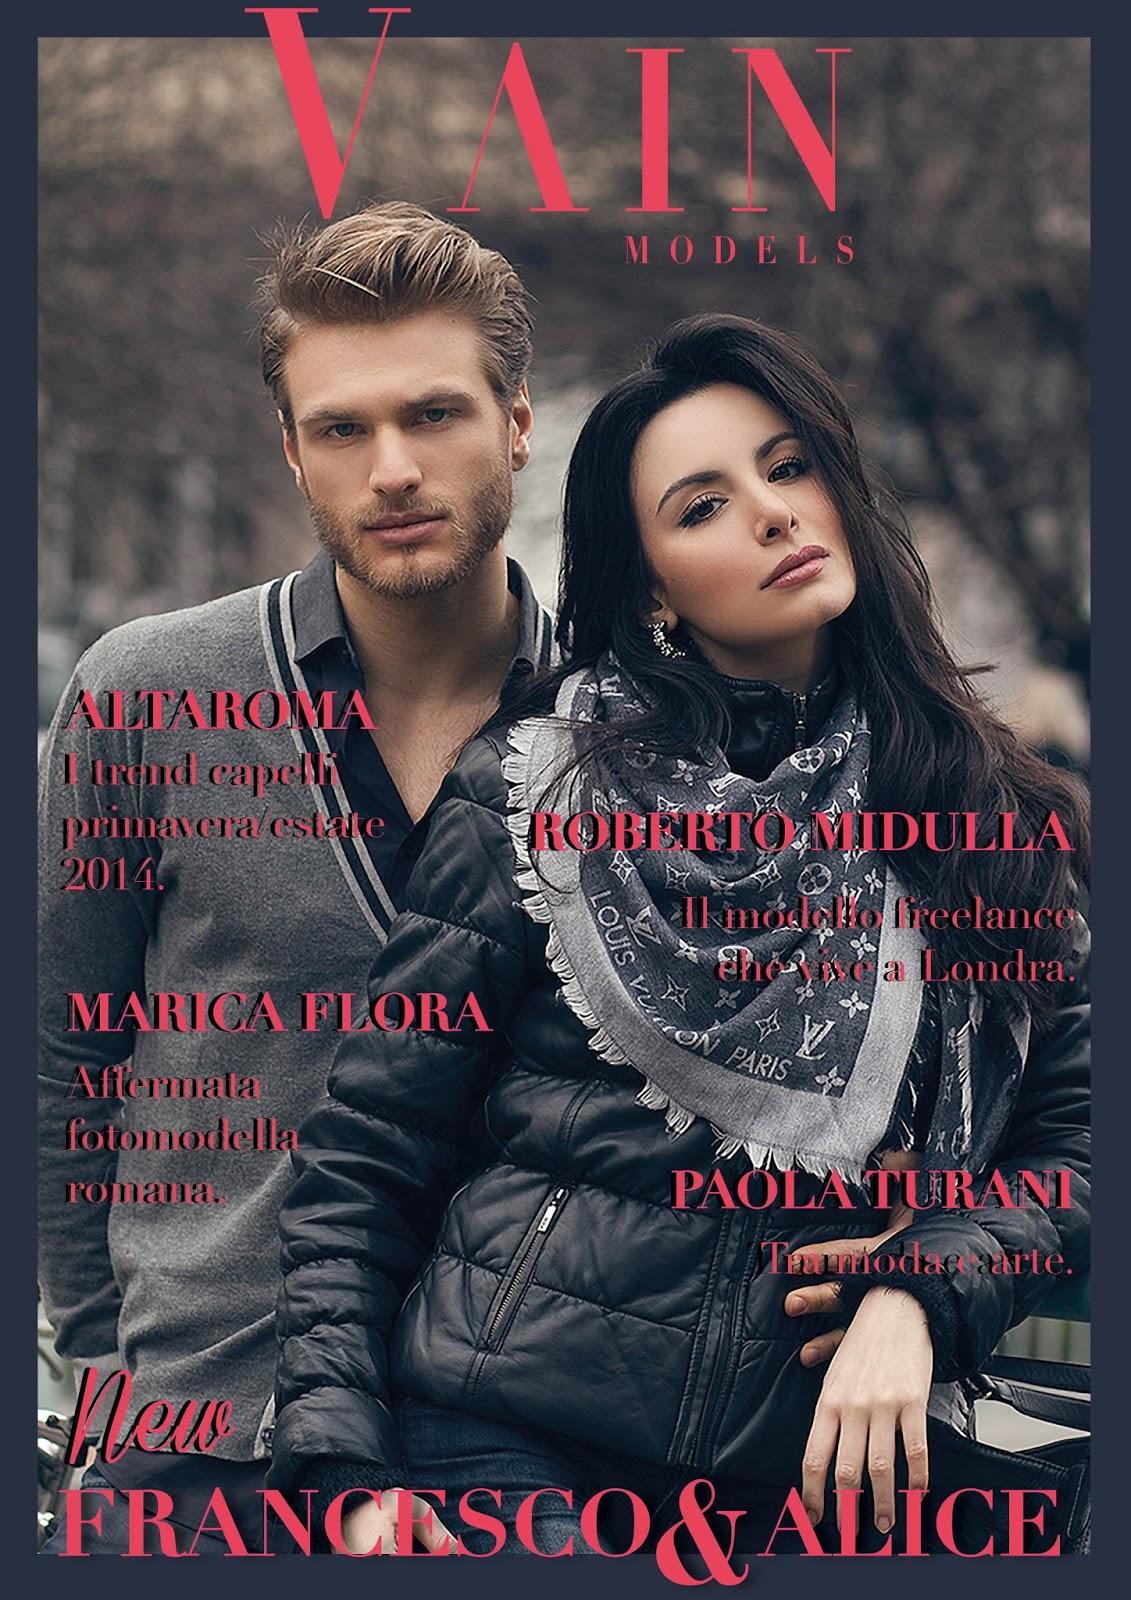 http://issuu.com/vainmagazines/docs/models_marzo_ita/19?e=11043344/6928240